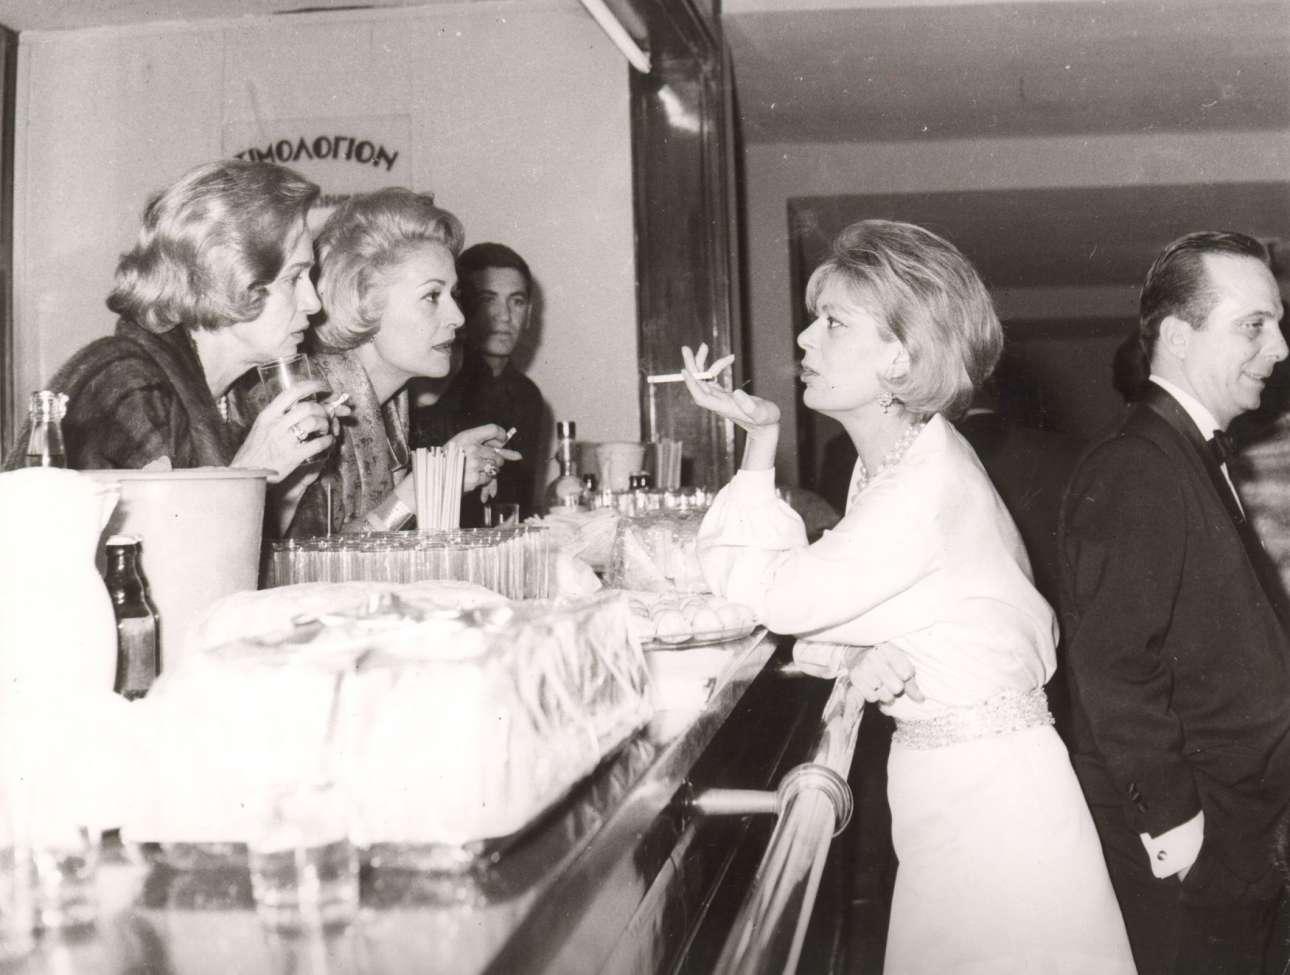 Σε νυχτερινή έξοδο στην Αθήνα στα 60s